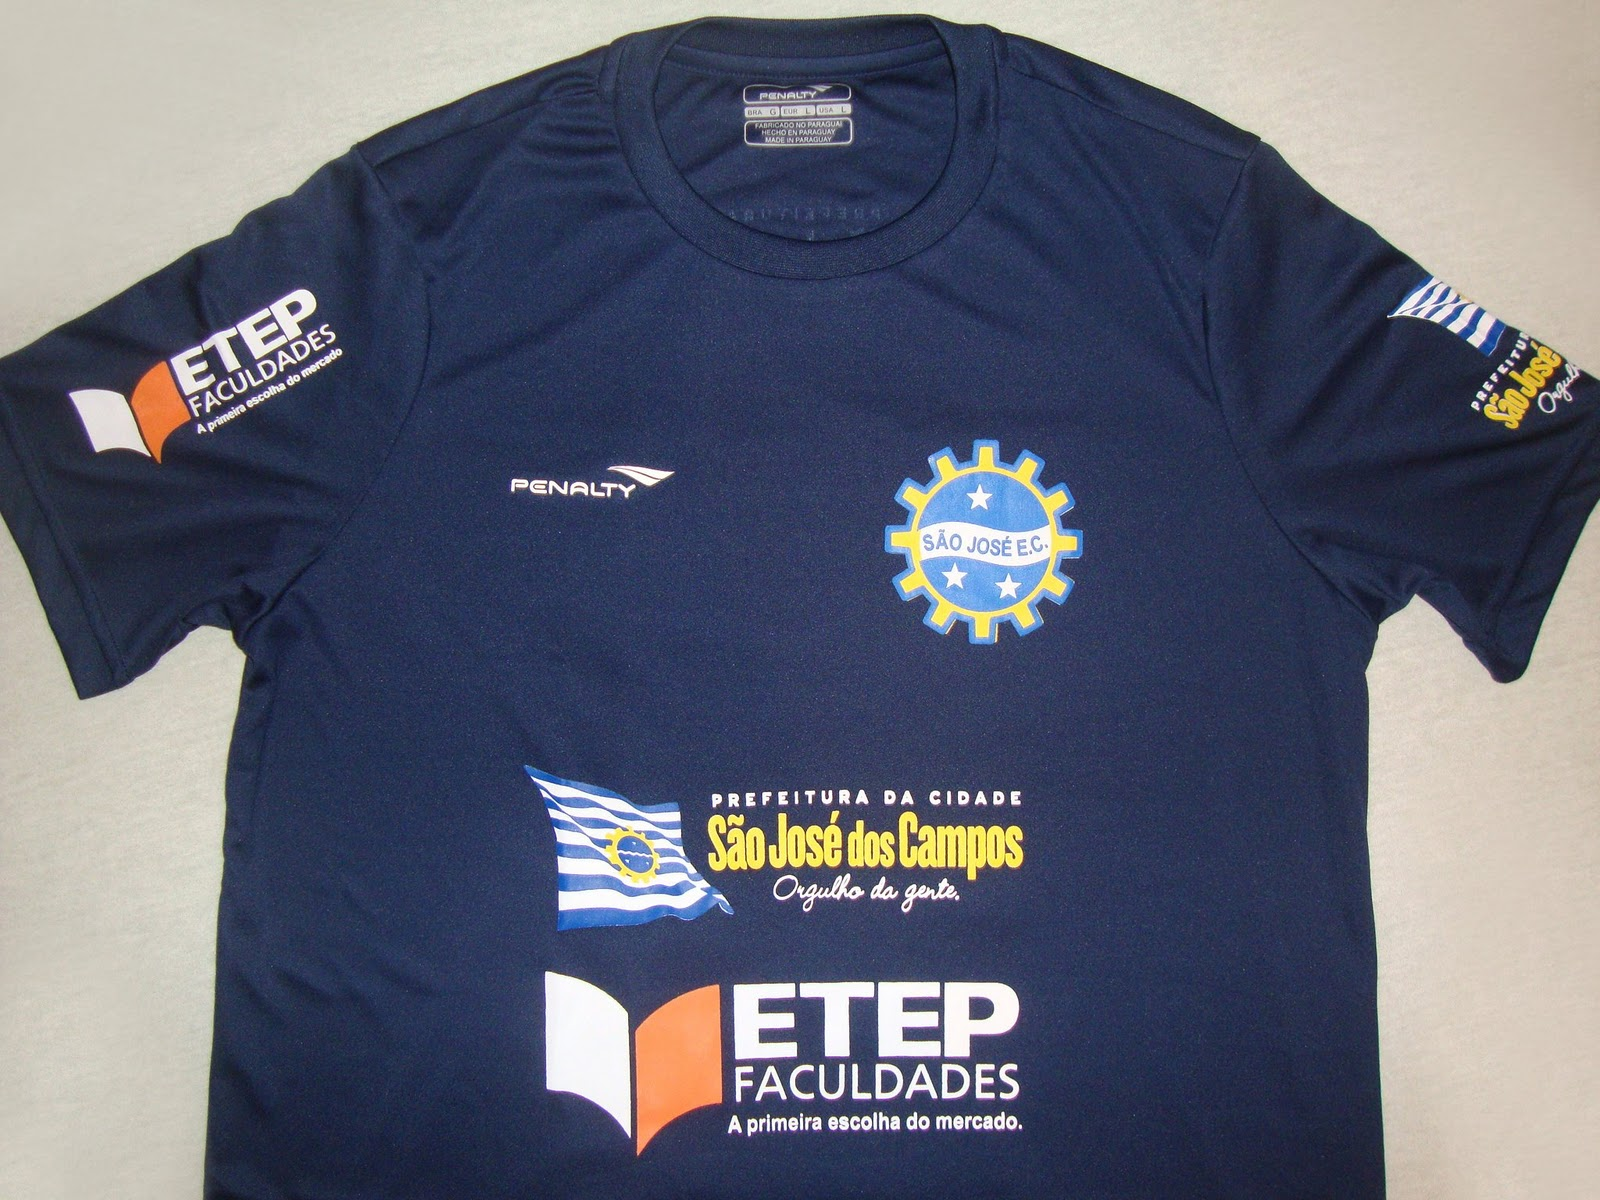 090c8ac1ff ... Esporte Clube possui um dos times mais fortes de futebol feminino do  Brasil